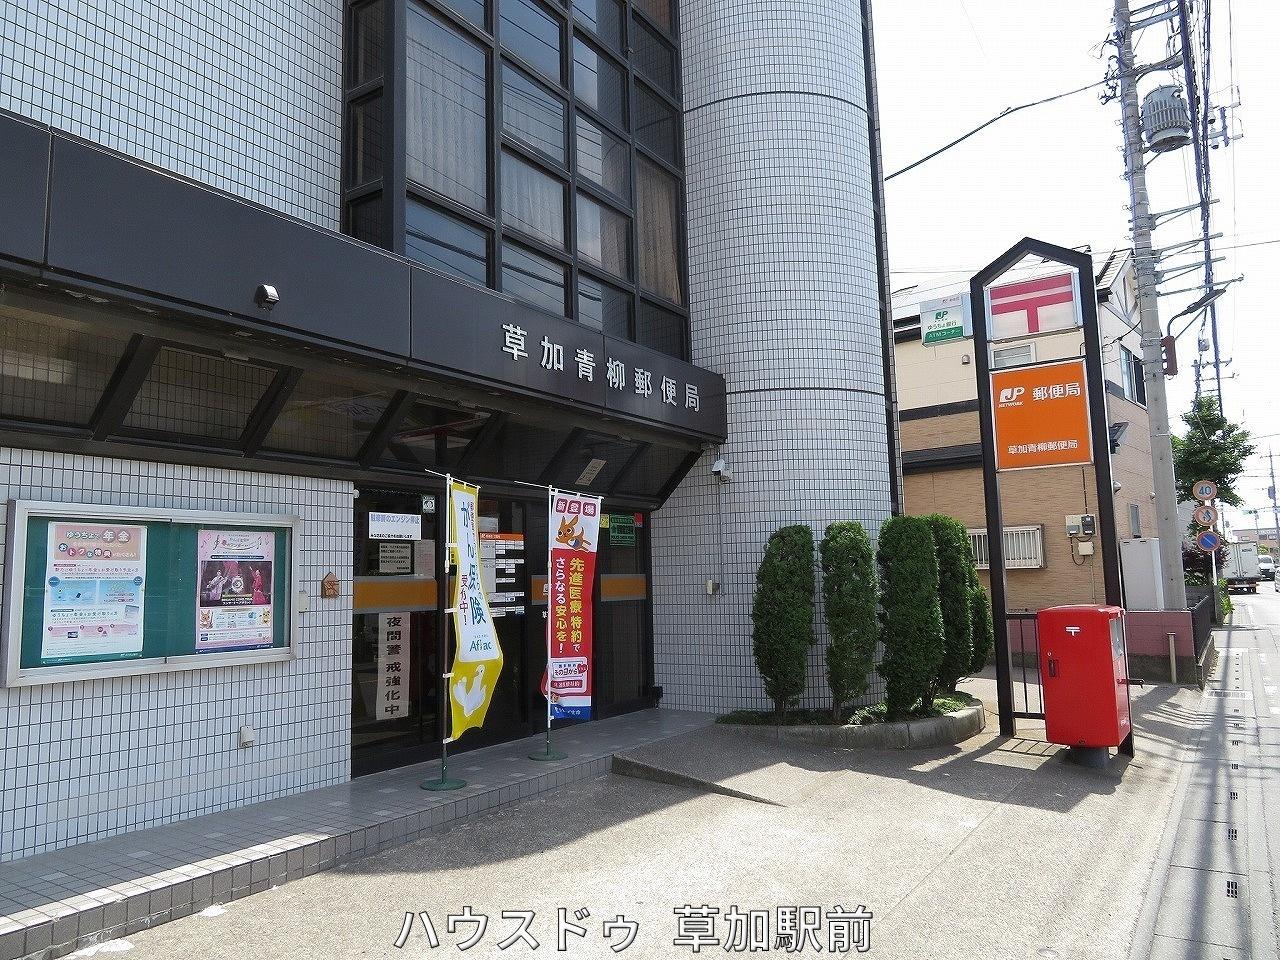 郵便局徒歩7分(約506m)